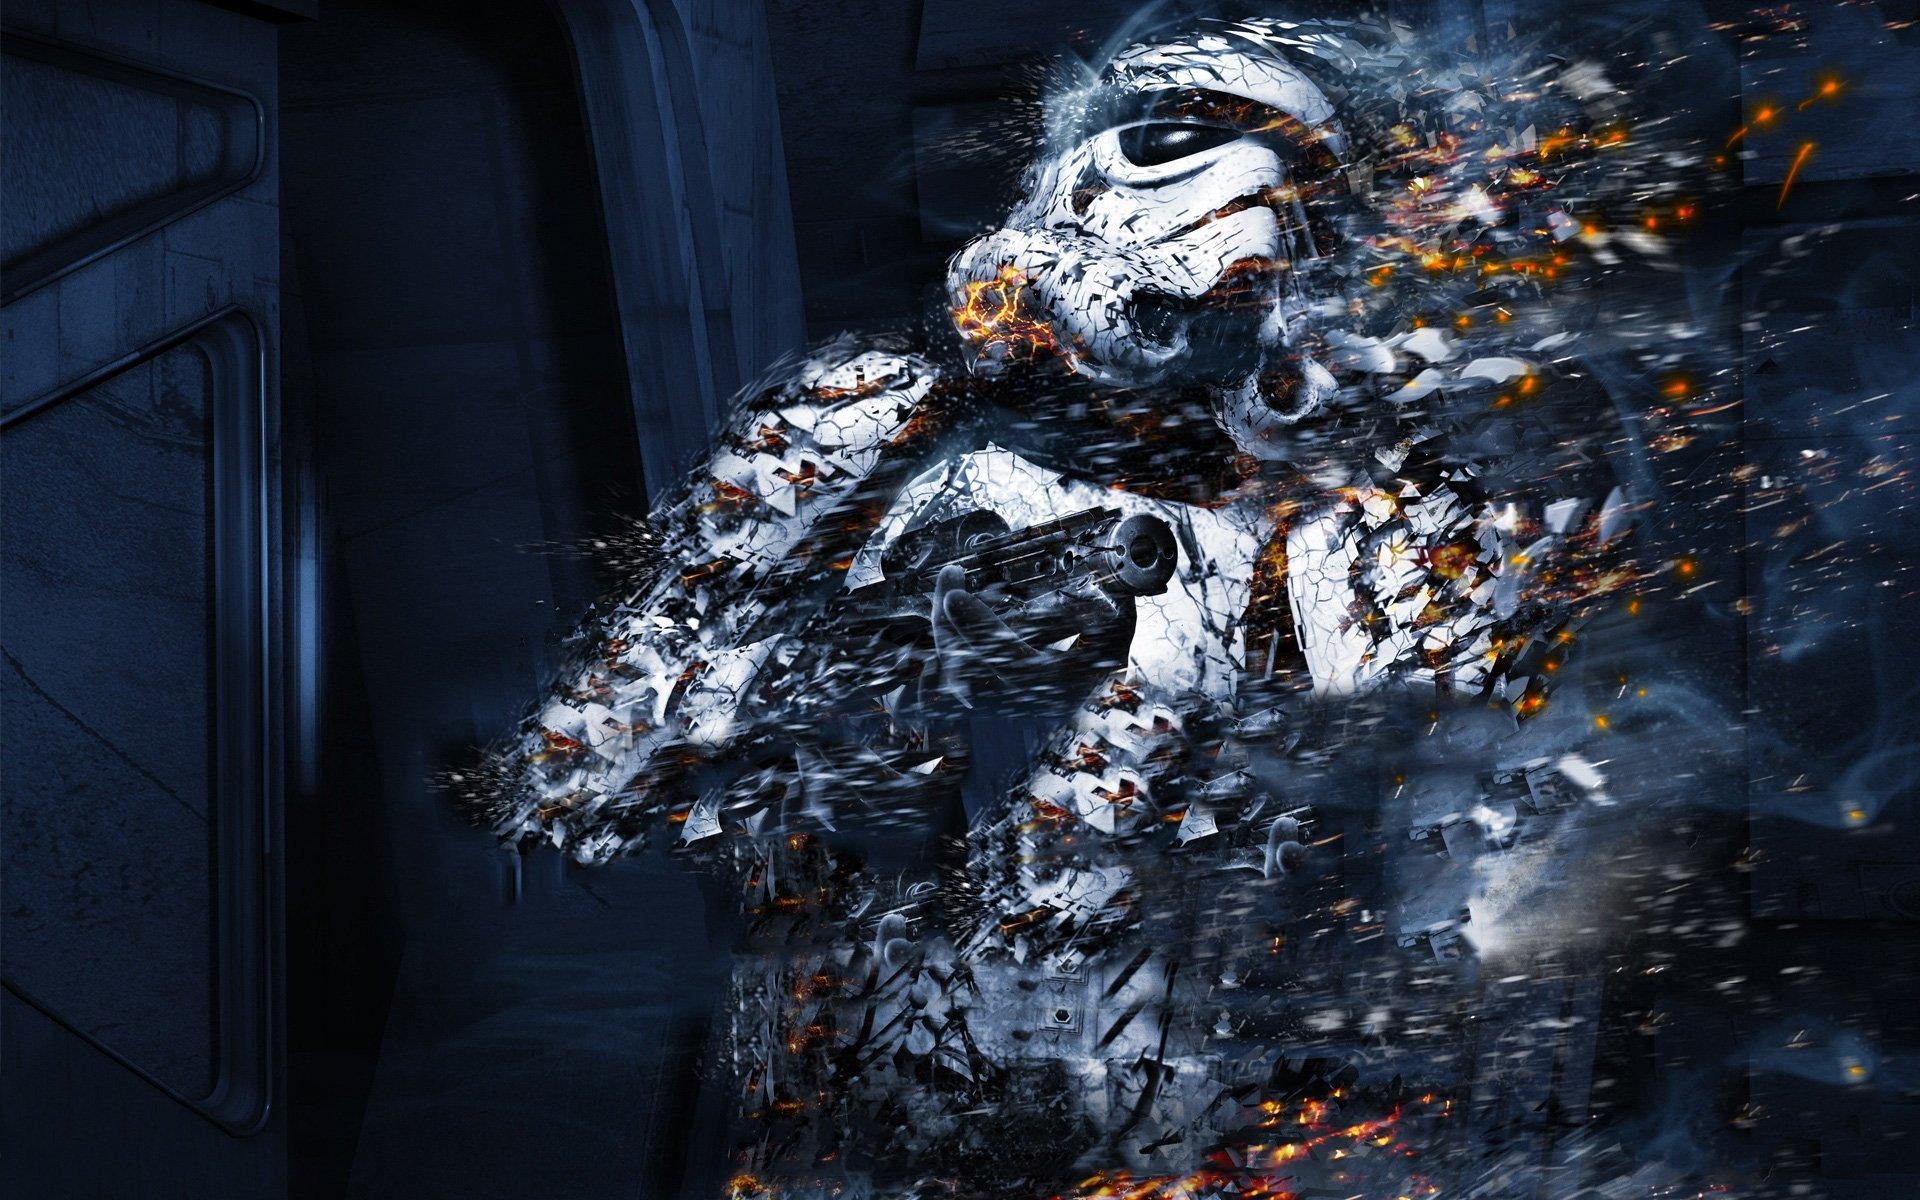 Мультфильм Звездные войны Войны клонов смотреть онлайн